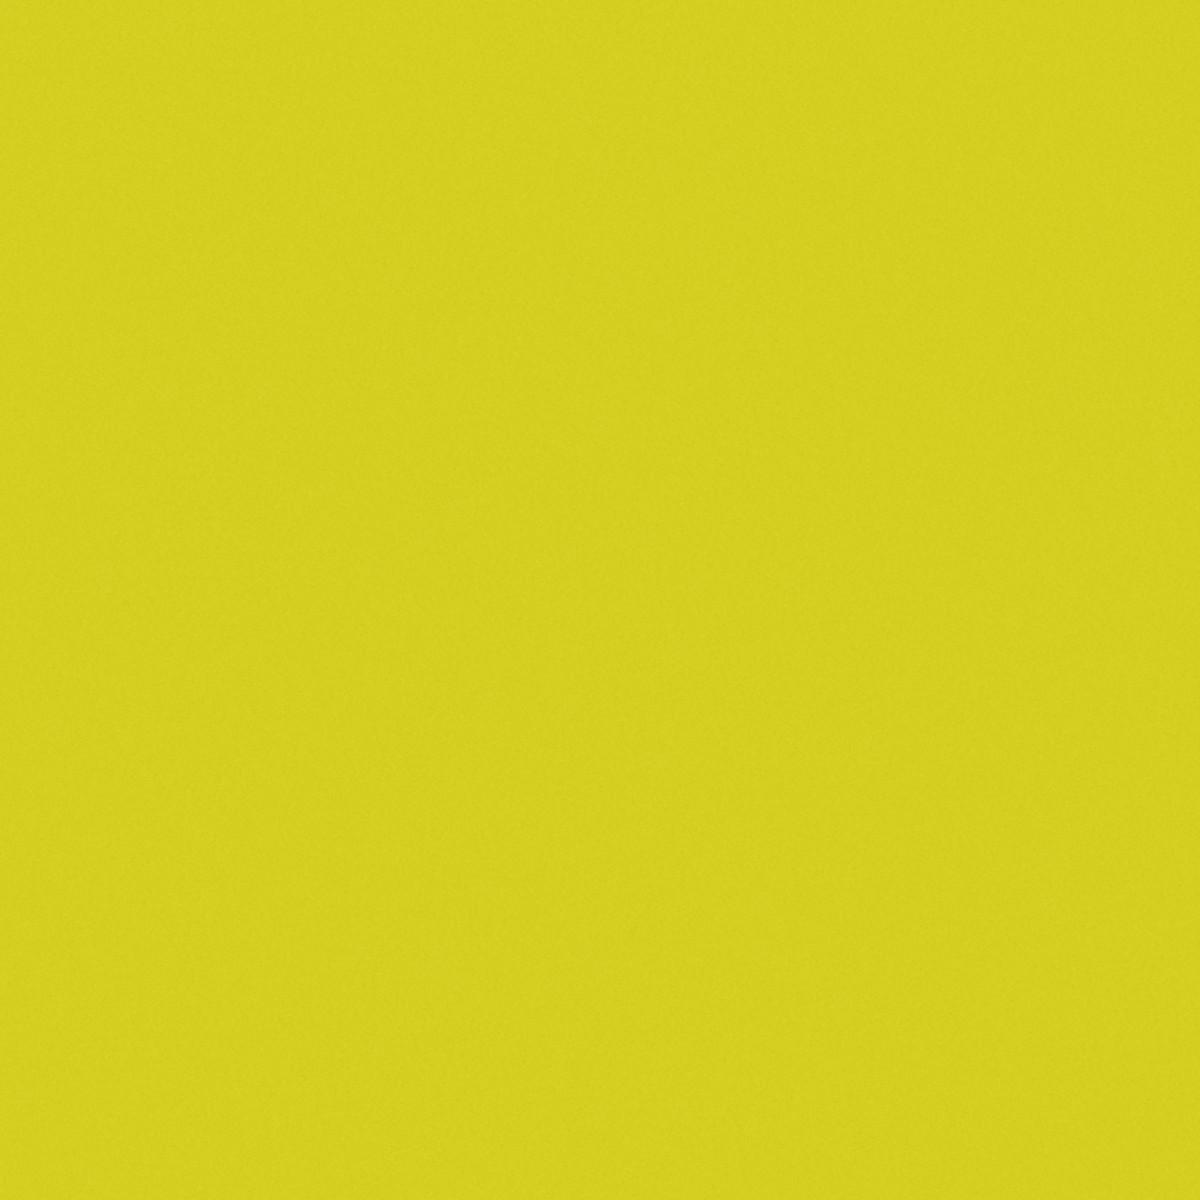 Столешница Анна 240х4х60 см ЛДСП/пластик цвет зеленый